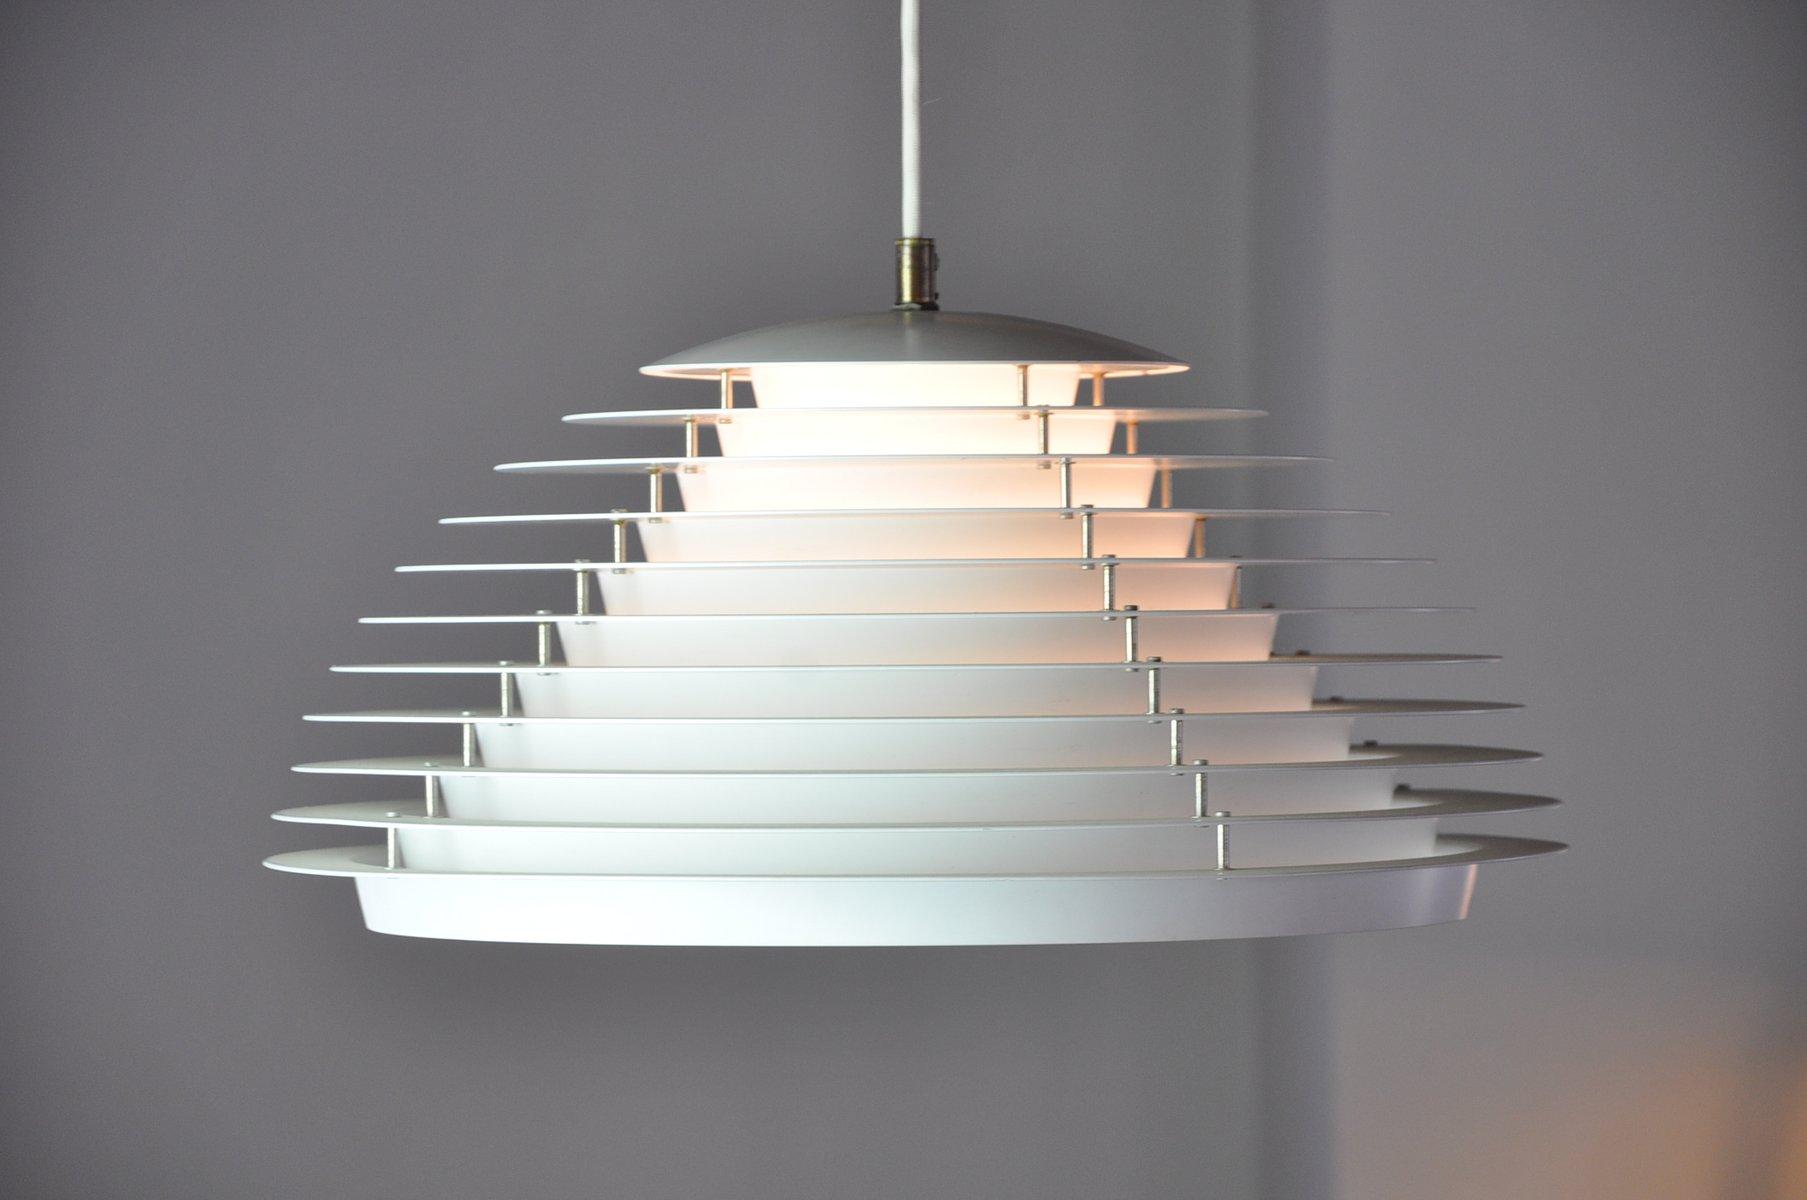 Plafoniere Da Soffitto Di Design : Lampade da soffitto design plafoniera faretti luci lampada